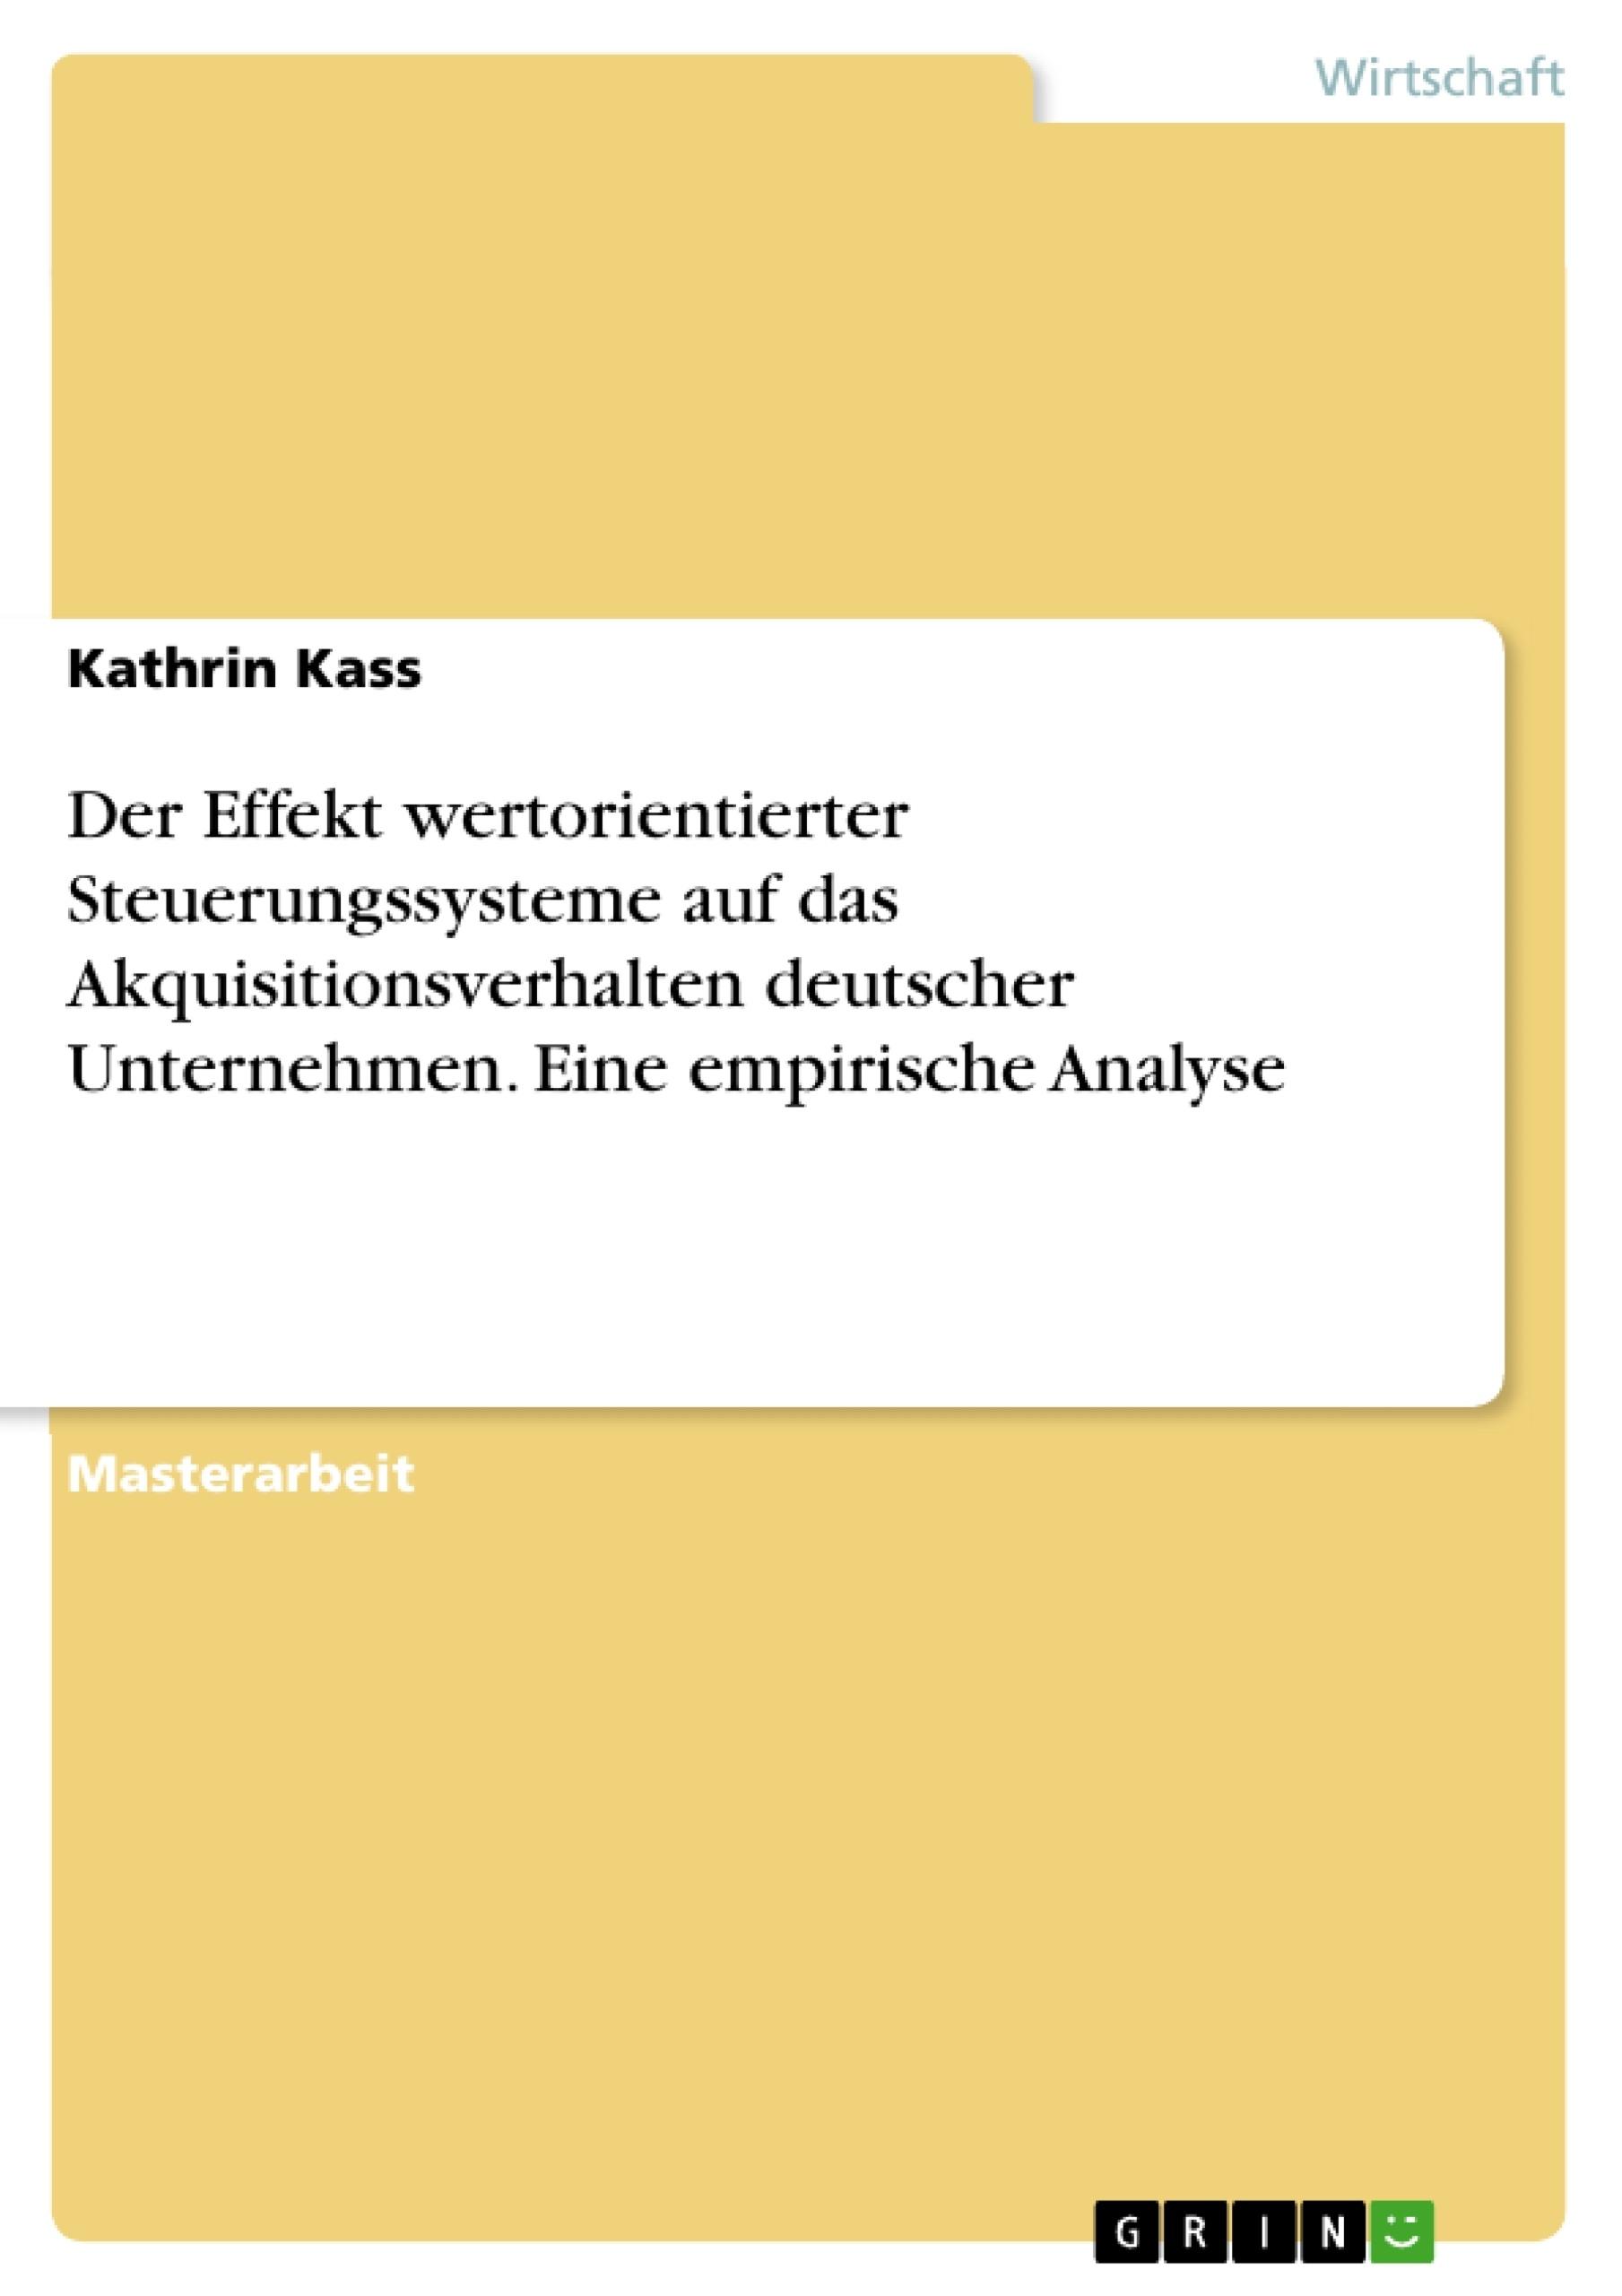 Titel: Der Effekt wertorientierter Steuerungssysteme auf das Akquisitionsverhalten deutscher Unternehmen. Eine empirische Analyse